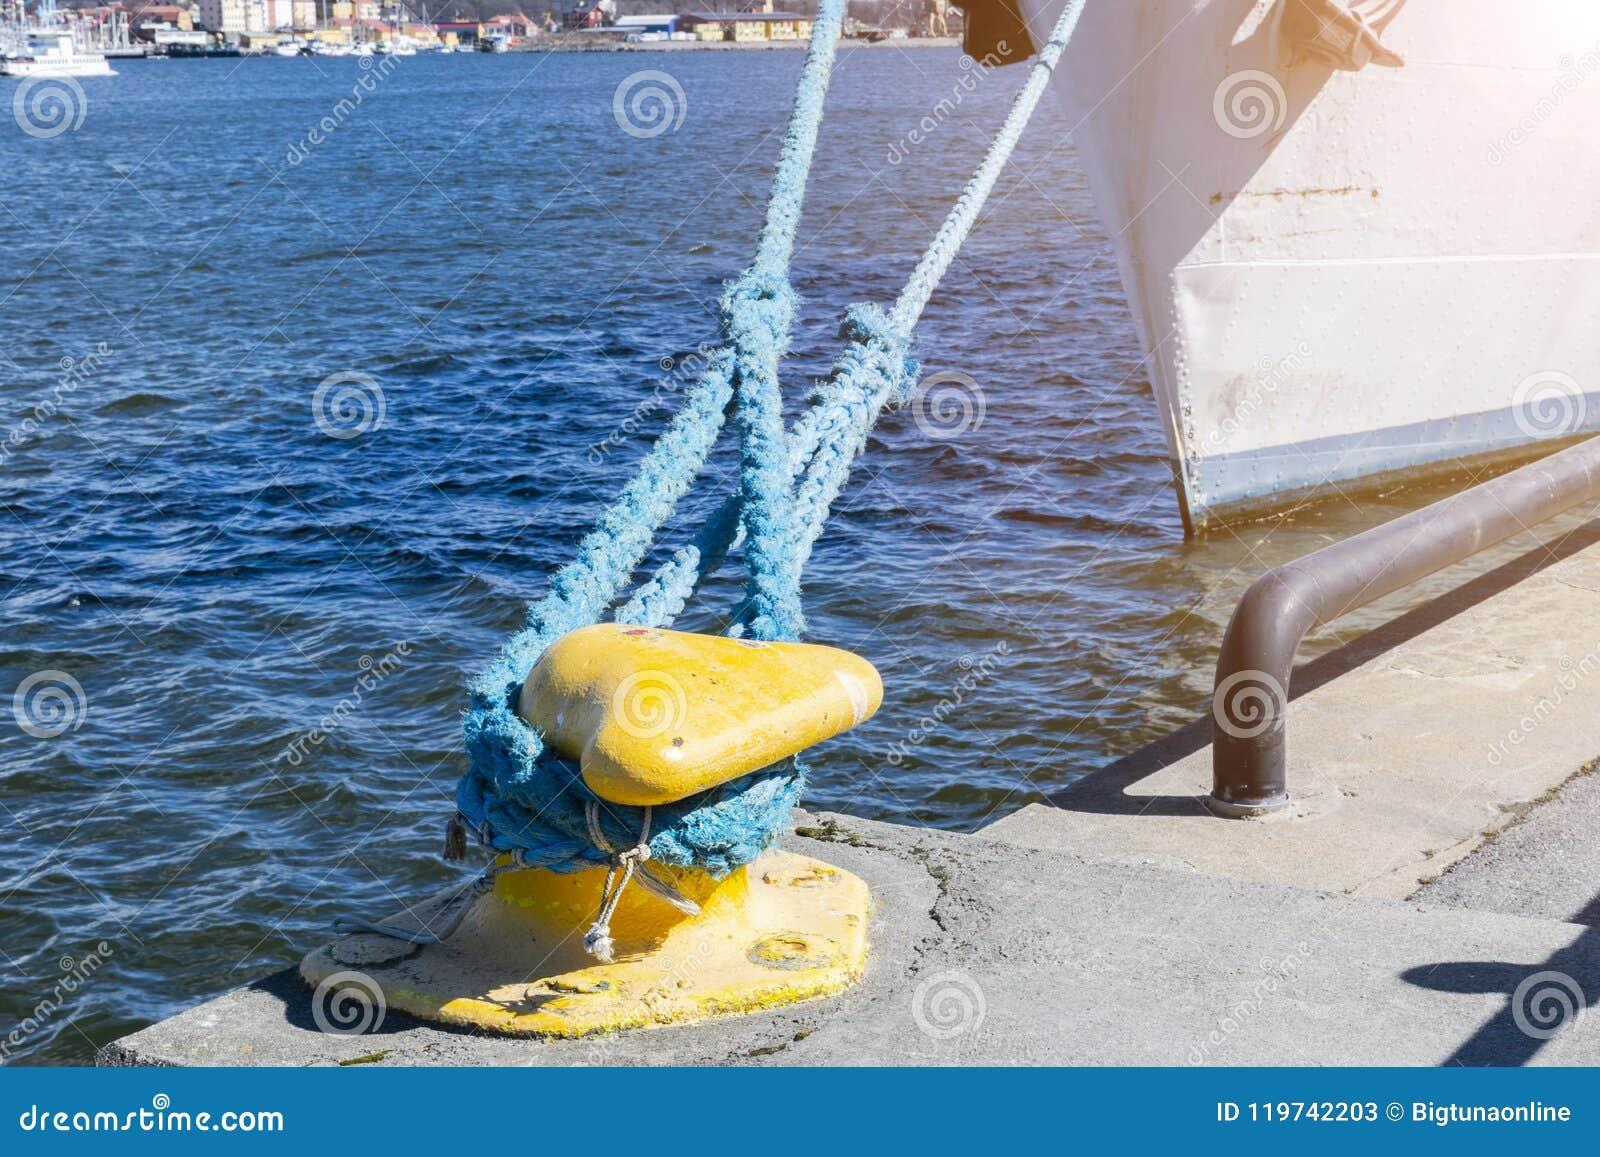 Cuerda del amarre atada al bolardo en el embarcadero Cuerda náutica de la amarradura El envío se opone concepto Cuerdas de la nav